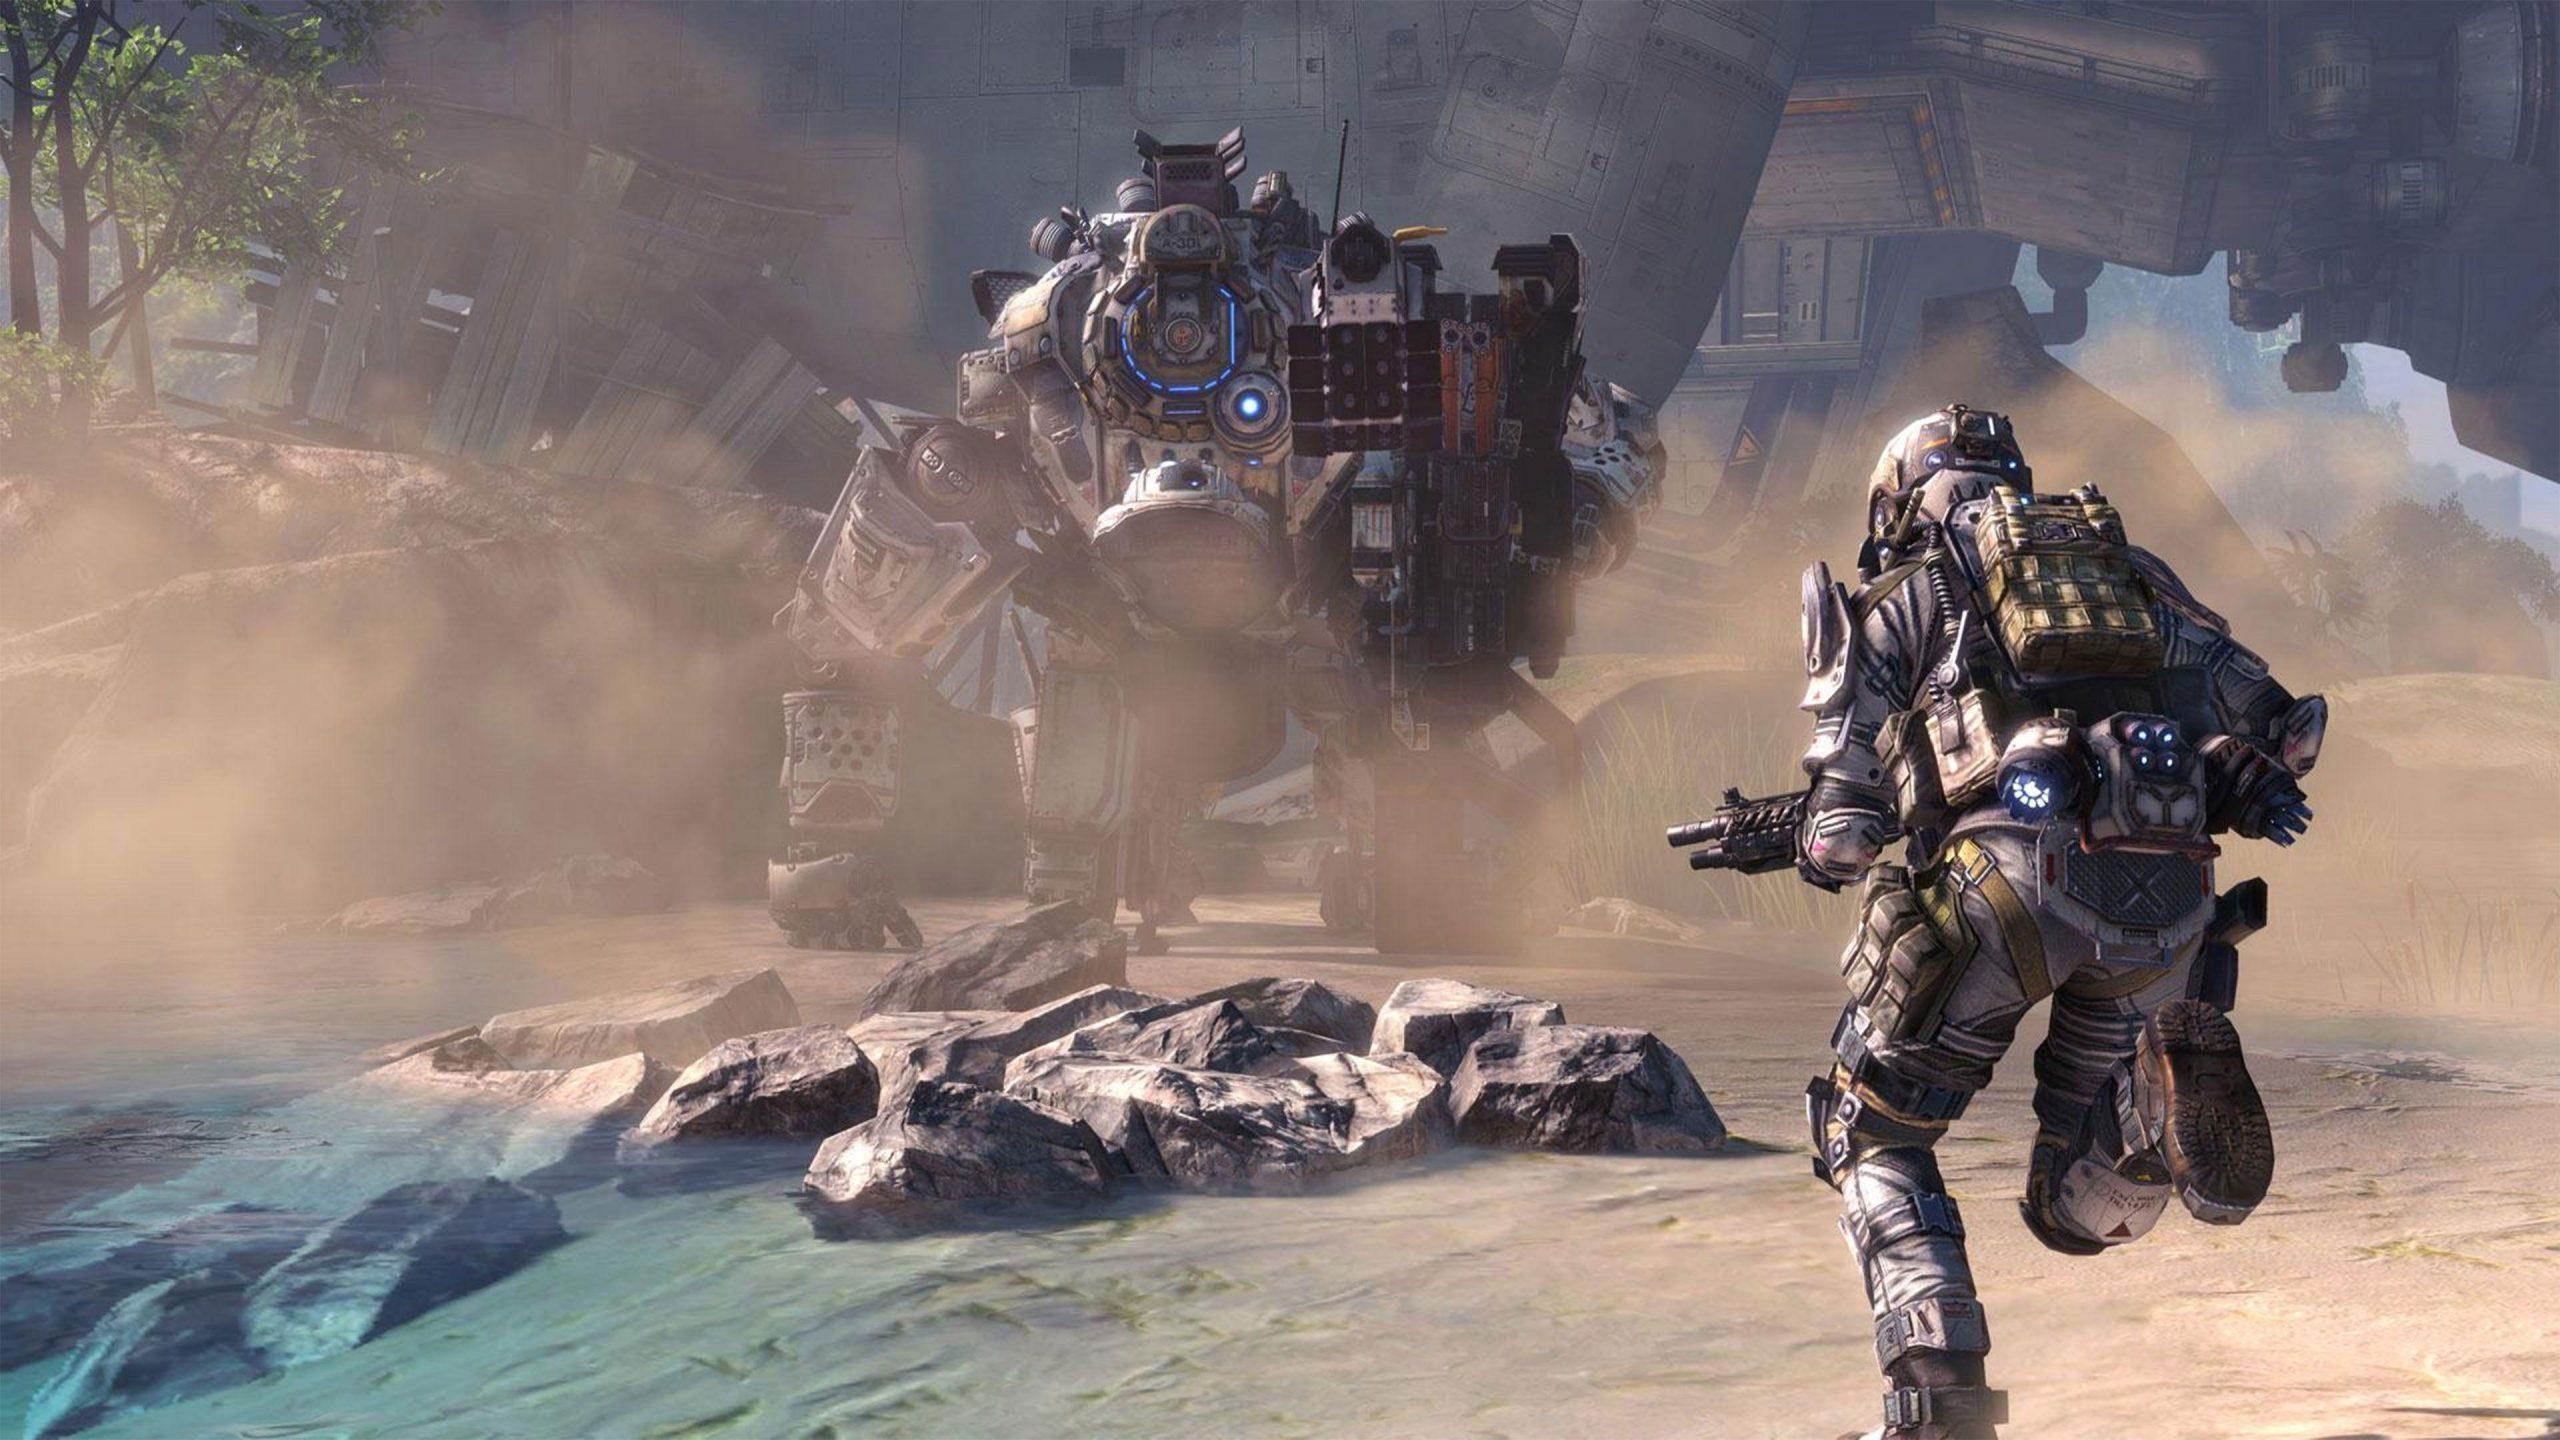 بازی Titanfall 2 Deluxe Edition